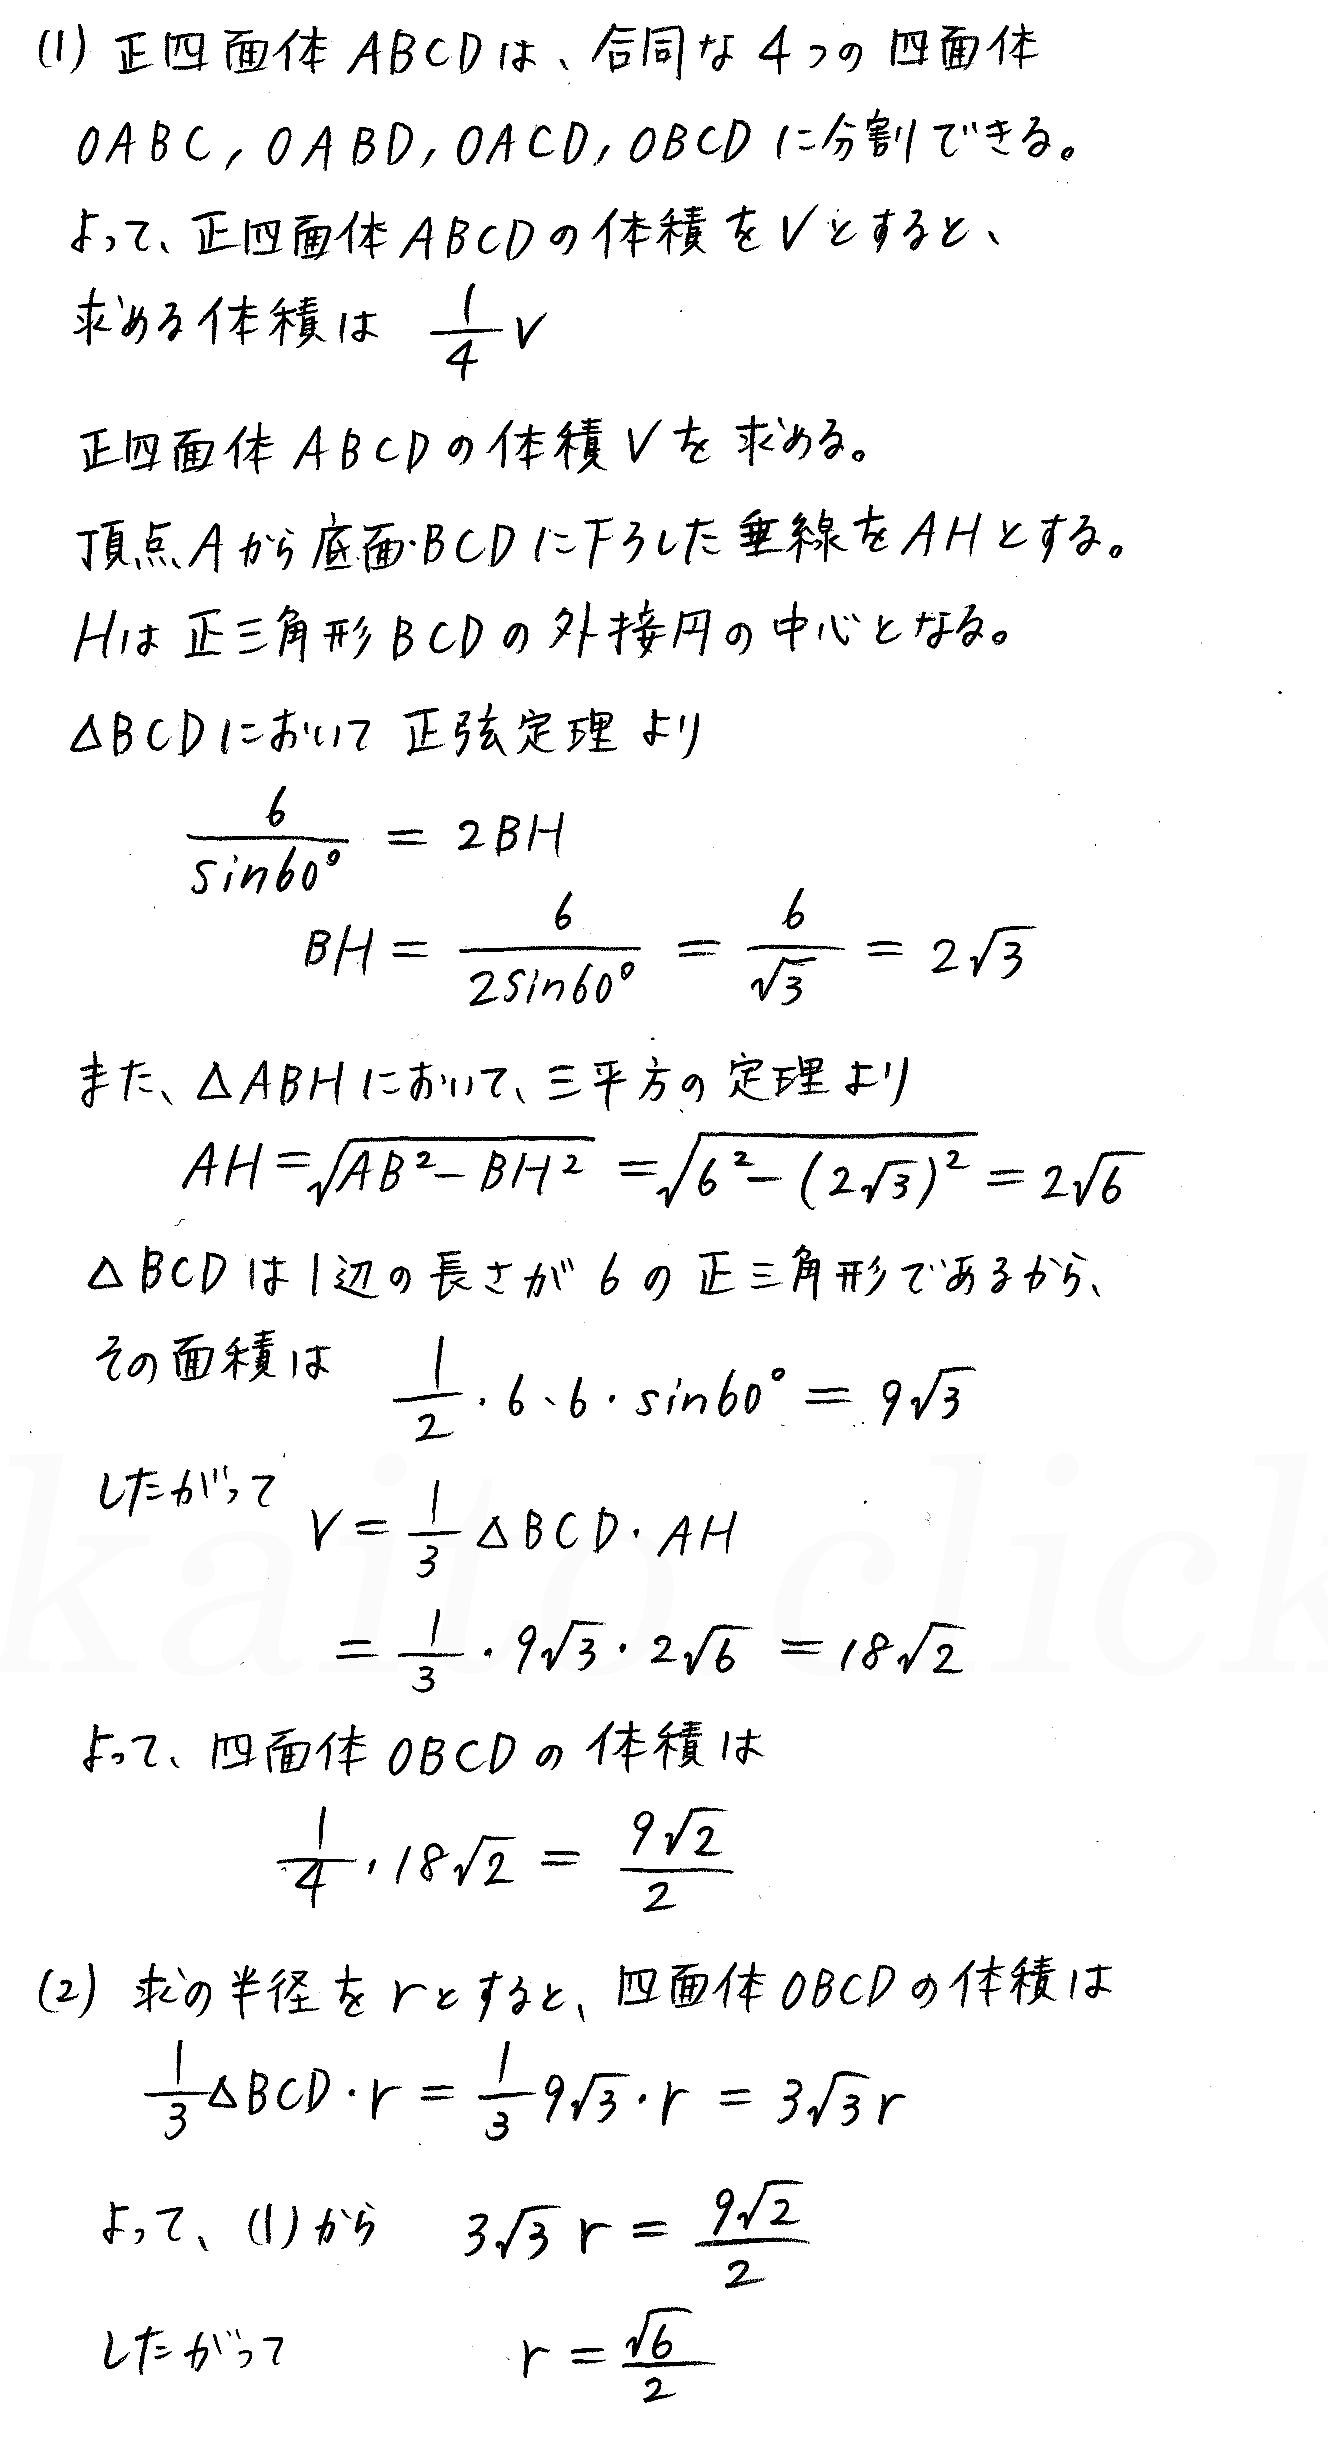 クリアー数学1-328解答